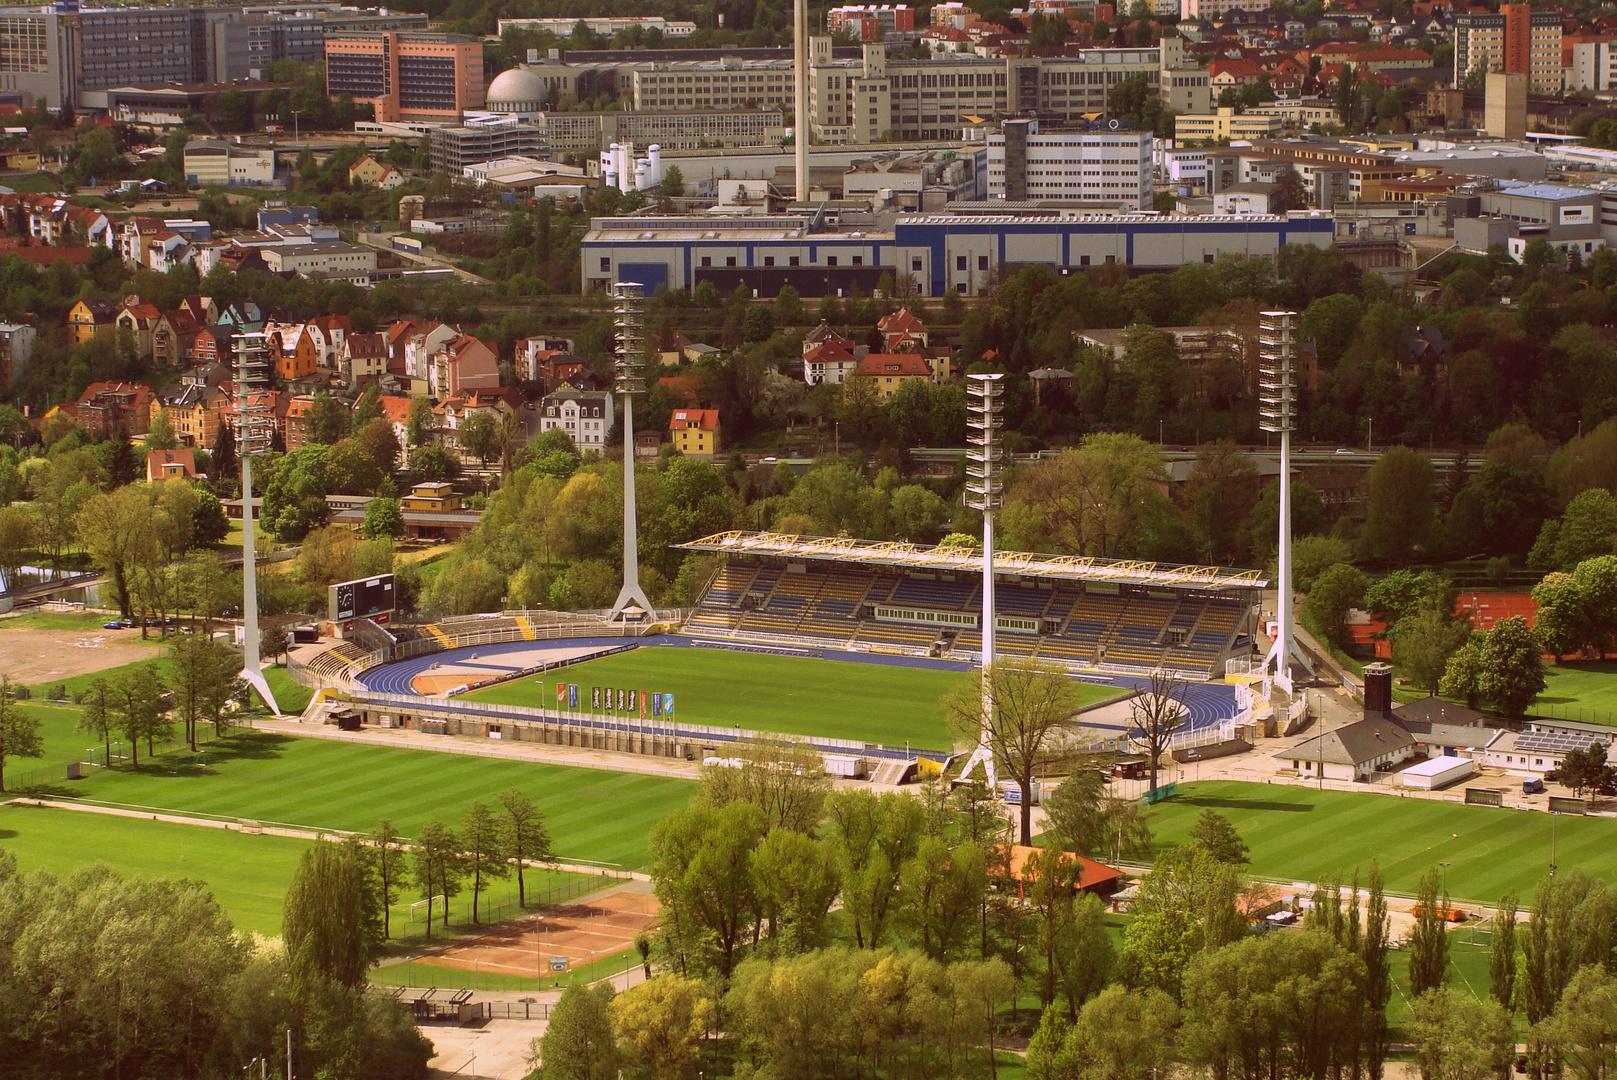 Ernst Abbe Sportfeld